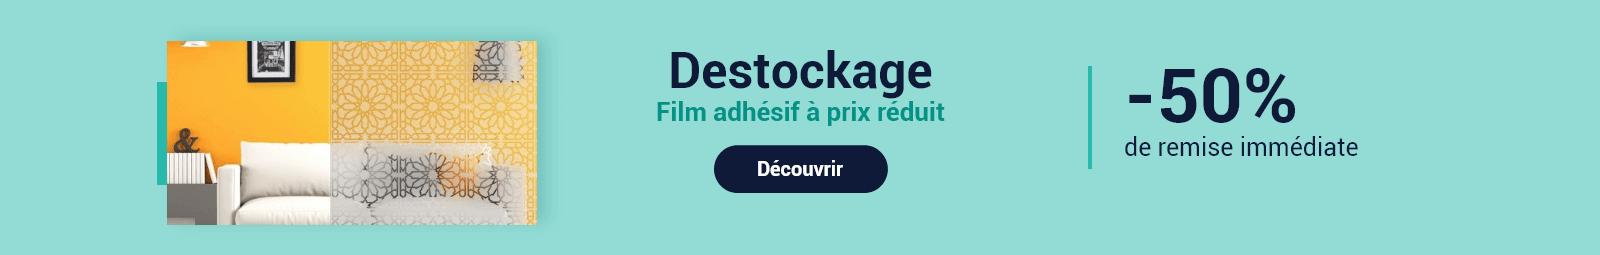 Destockage film pour vitre